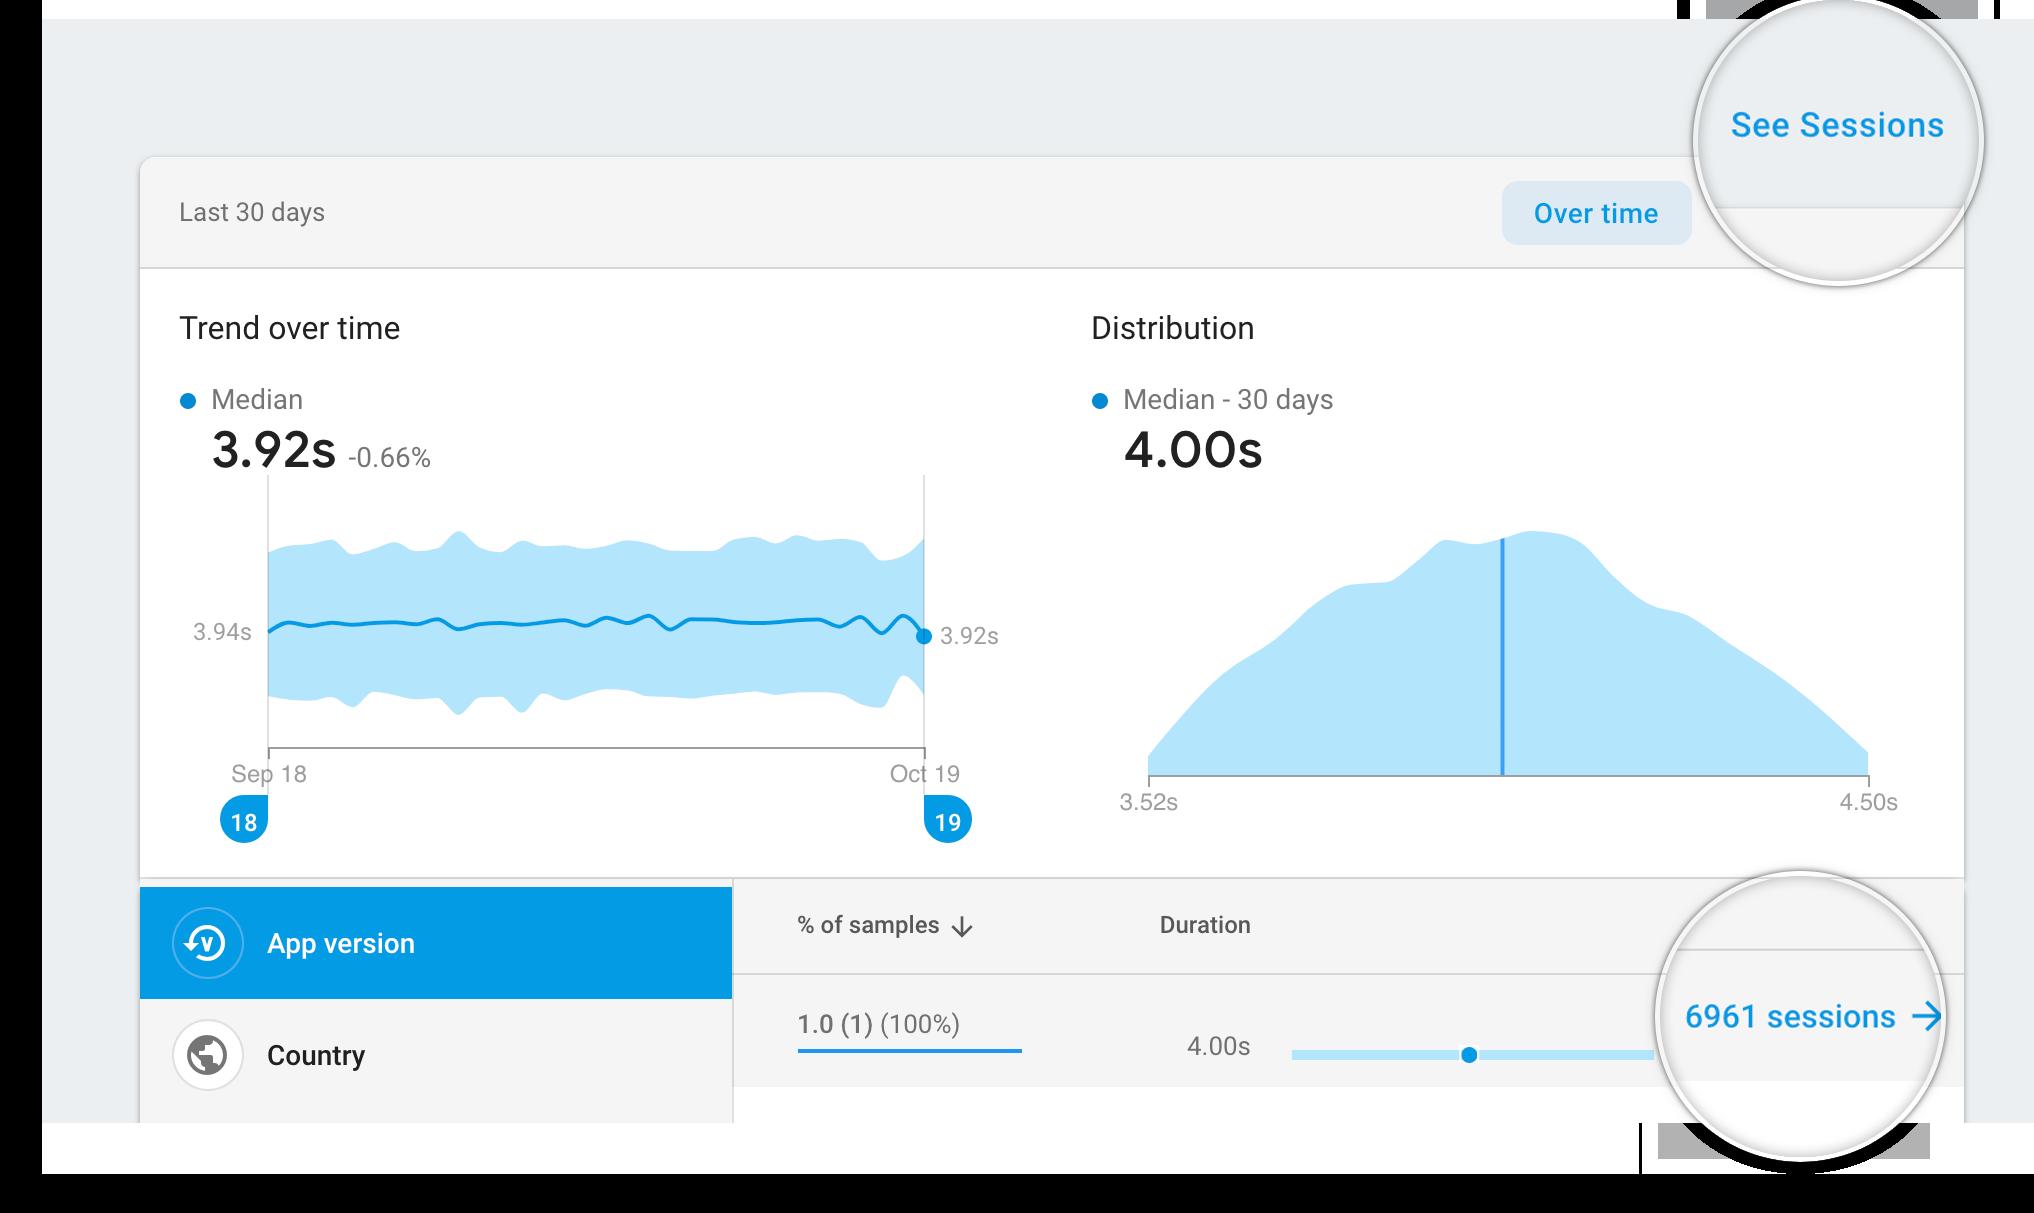 帶有會話鏈接的 Firebase 性能監控跟踪的圖像